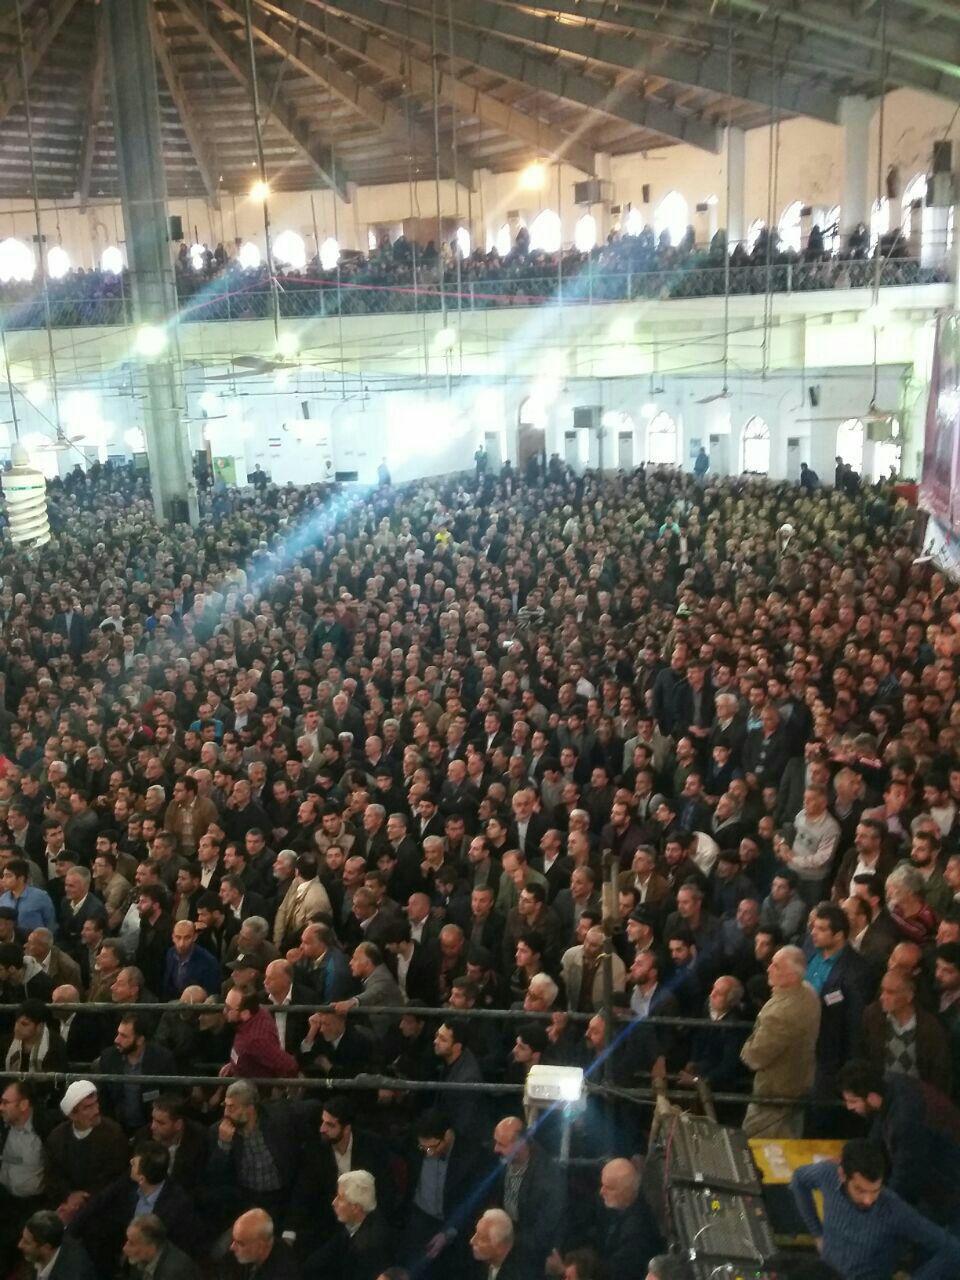 ویدئوی دیدنی از حضور احمدی نژاد در خیل عظیم مردم مازندران + فیلم